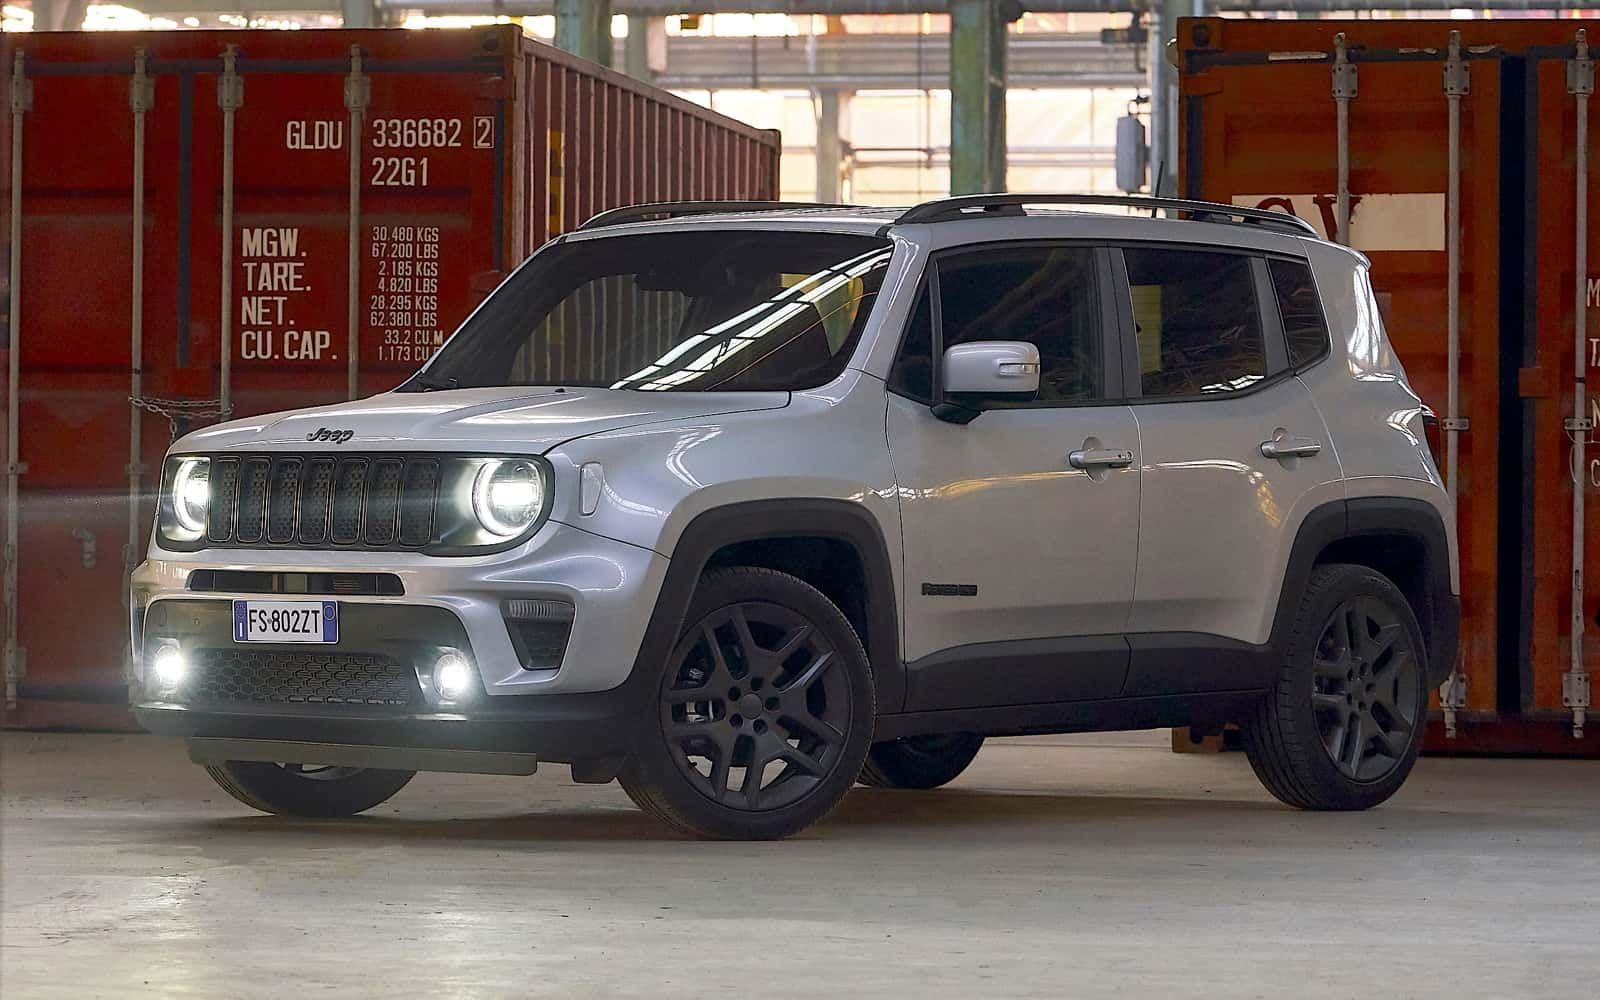 Jeep Renegade S Un Nuevo Nivel De Terminacion Mas Deportivo Carros Auto